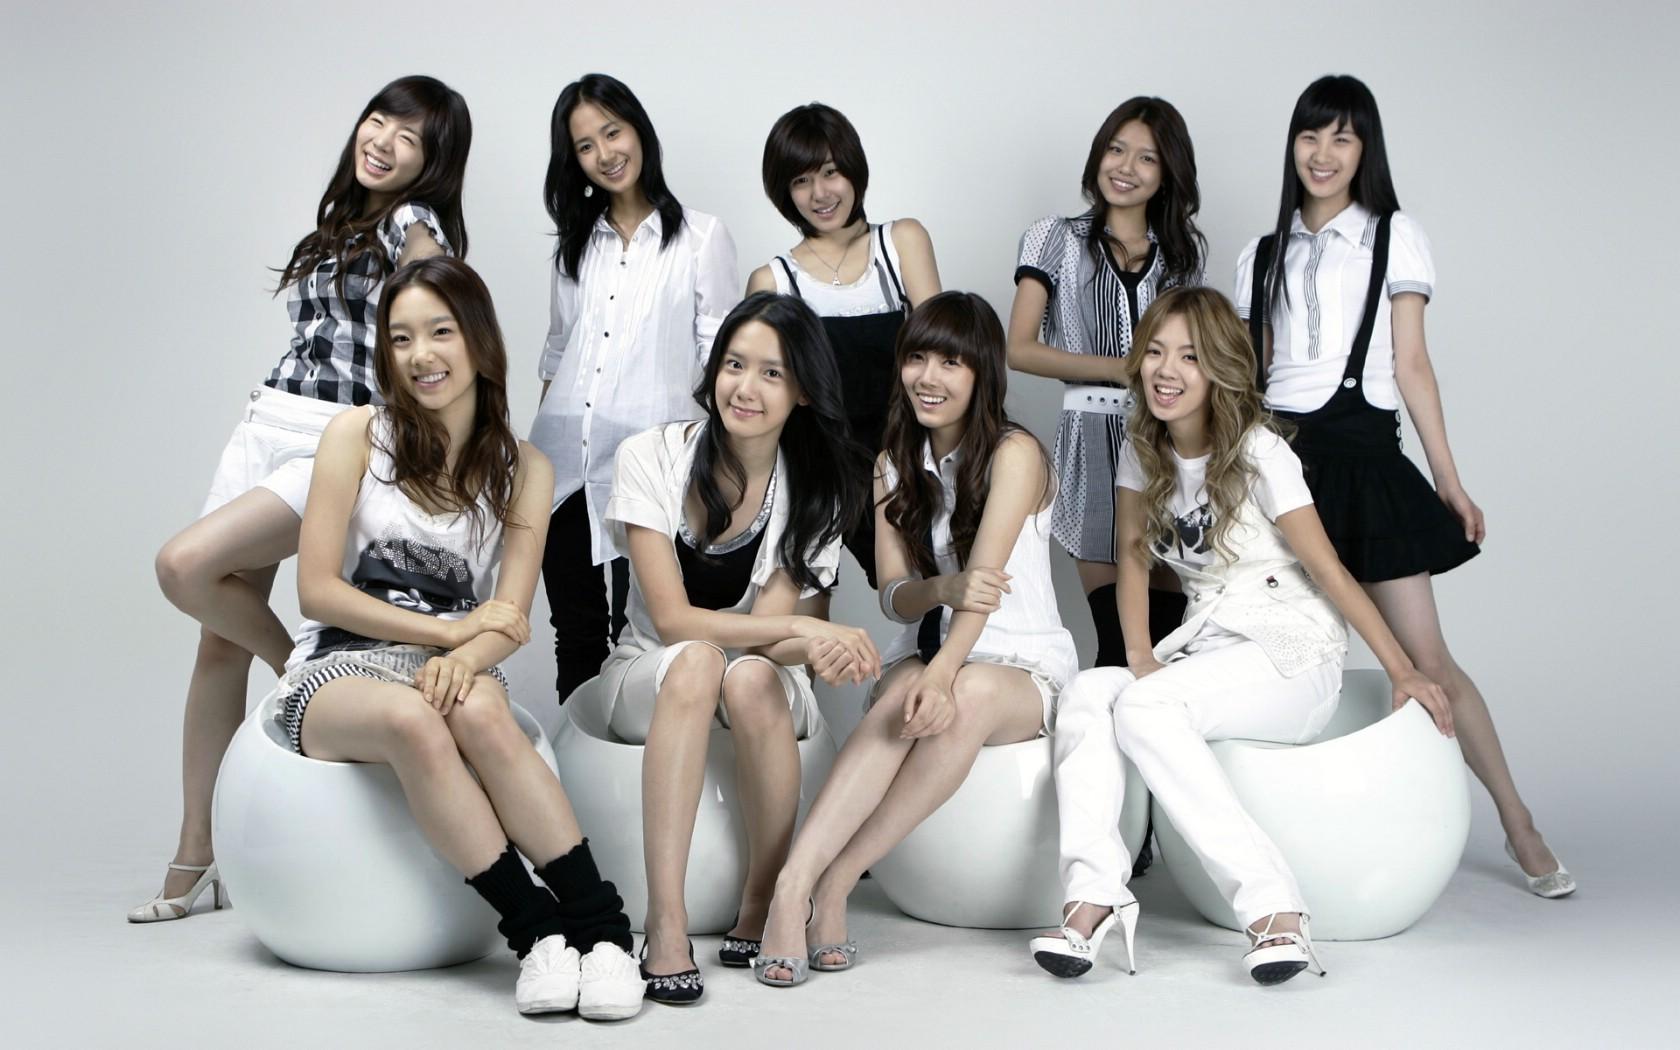 发几组韩国美女组合的图片